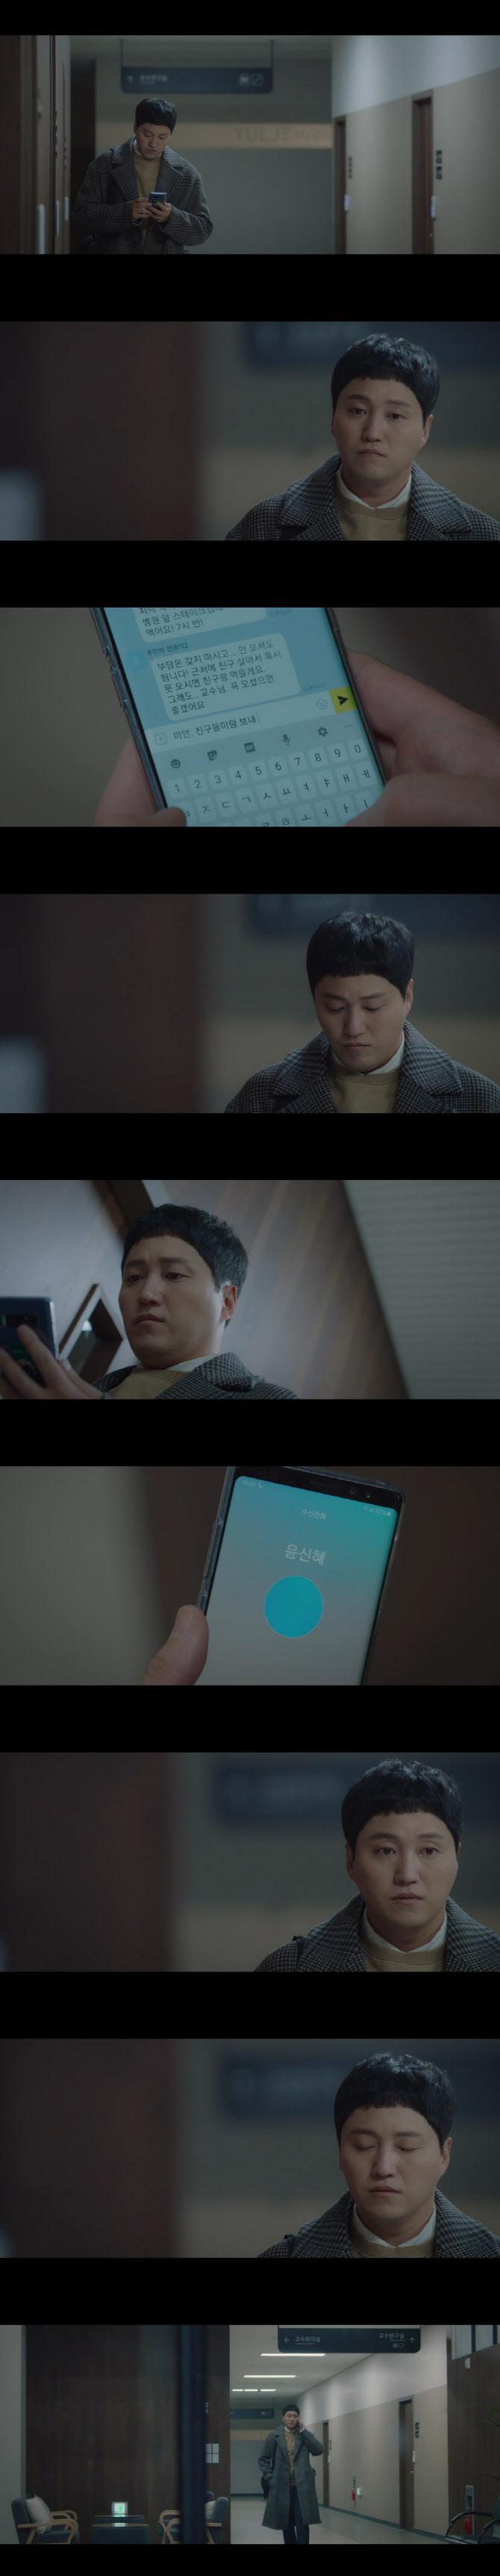 """[이주의 1분] """"윤신혜가 누구야?""""…'슬의생', 시즌2 관심 증폭된 엔딩"""